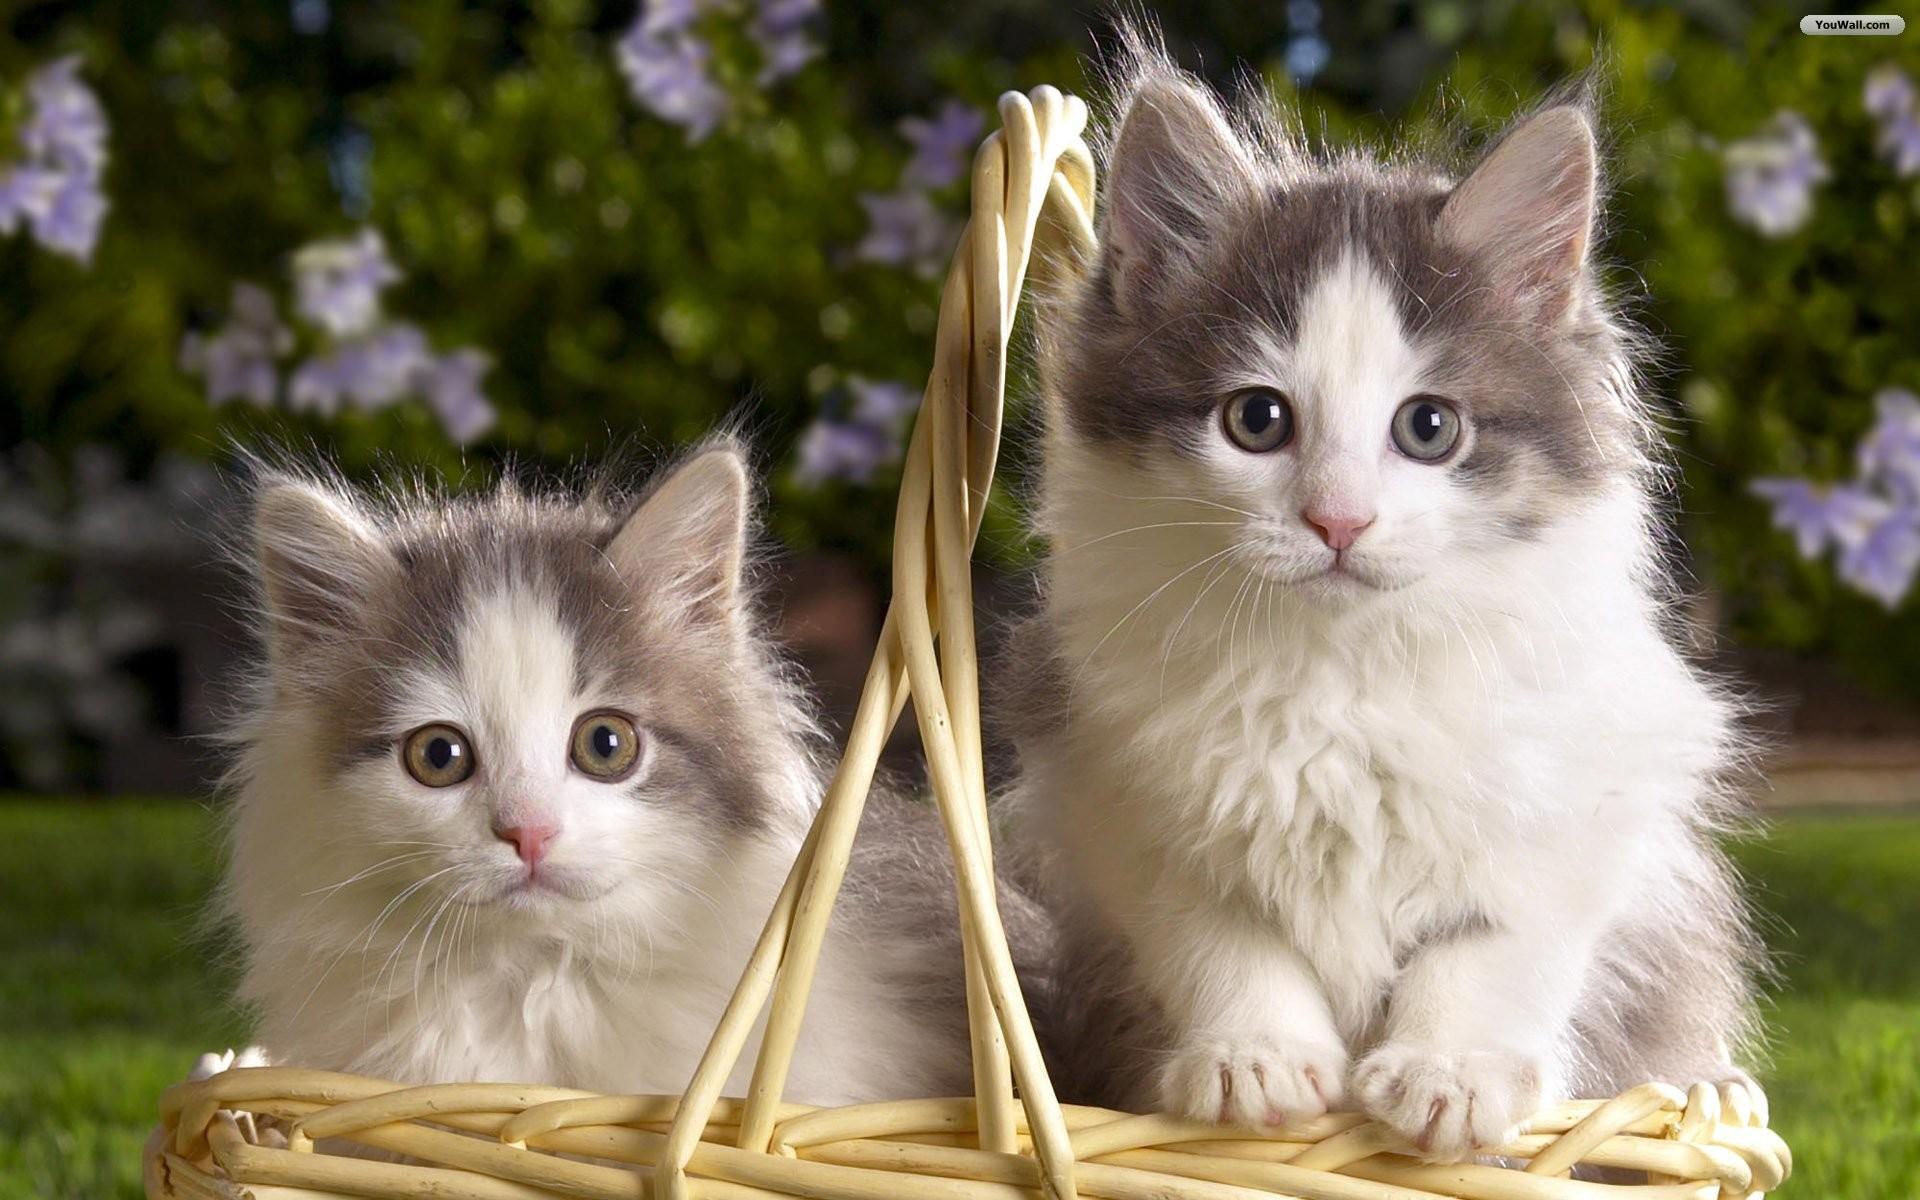 Cats · Cats Cute Cat And Kitten Cats Kittens Desktop Wallpaper